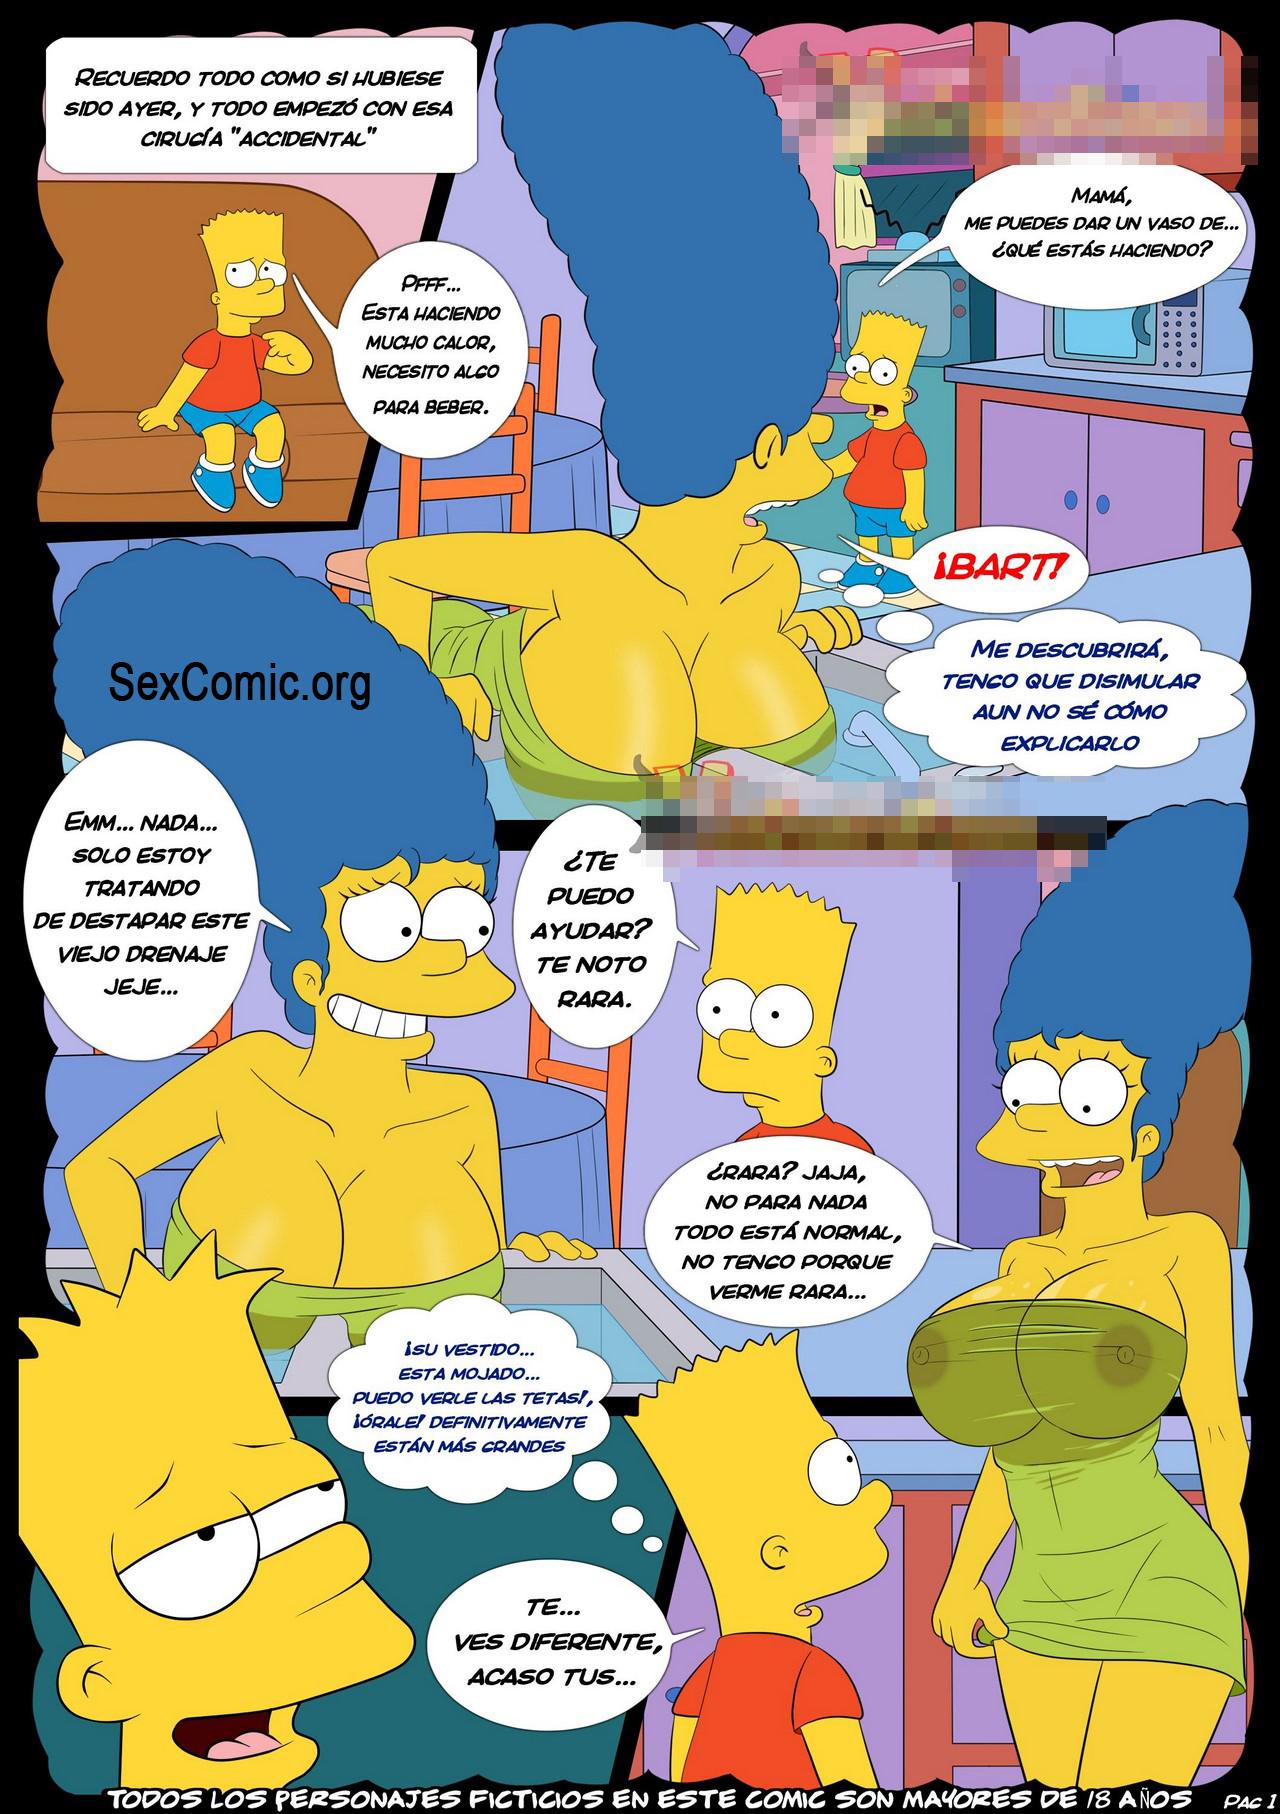 Los Simpsons xxx -incesto-bart-march-follando-cogiendo-sexo-desnuda-video-historieta-comic-los-simpsons-porno-follando-con-mama (2)